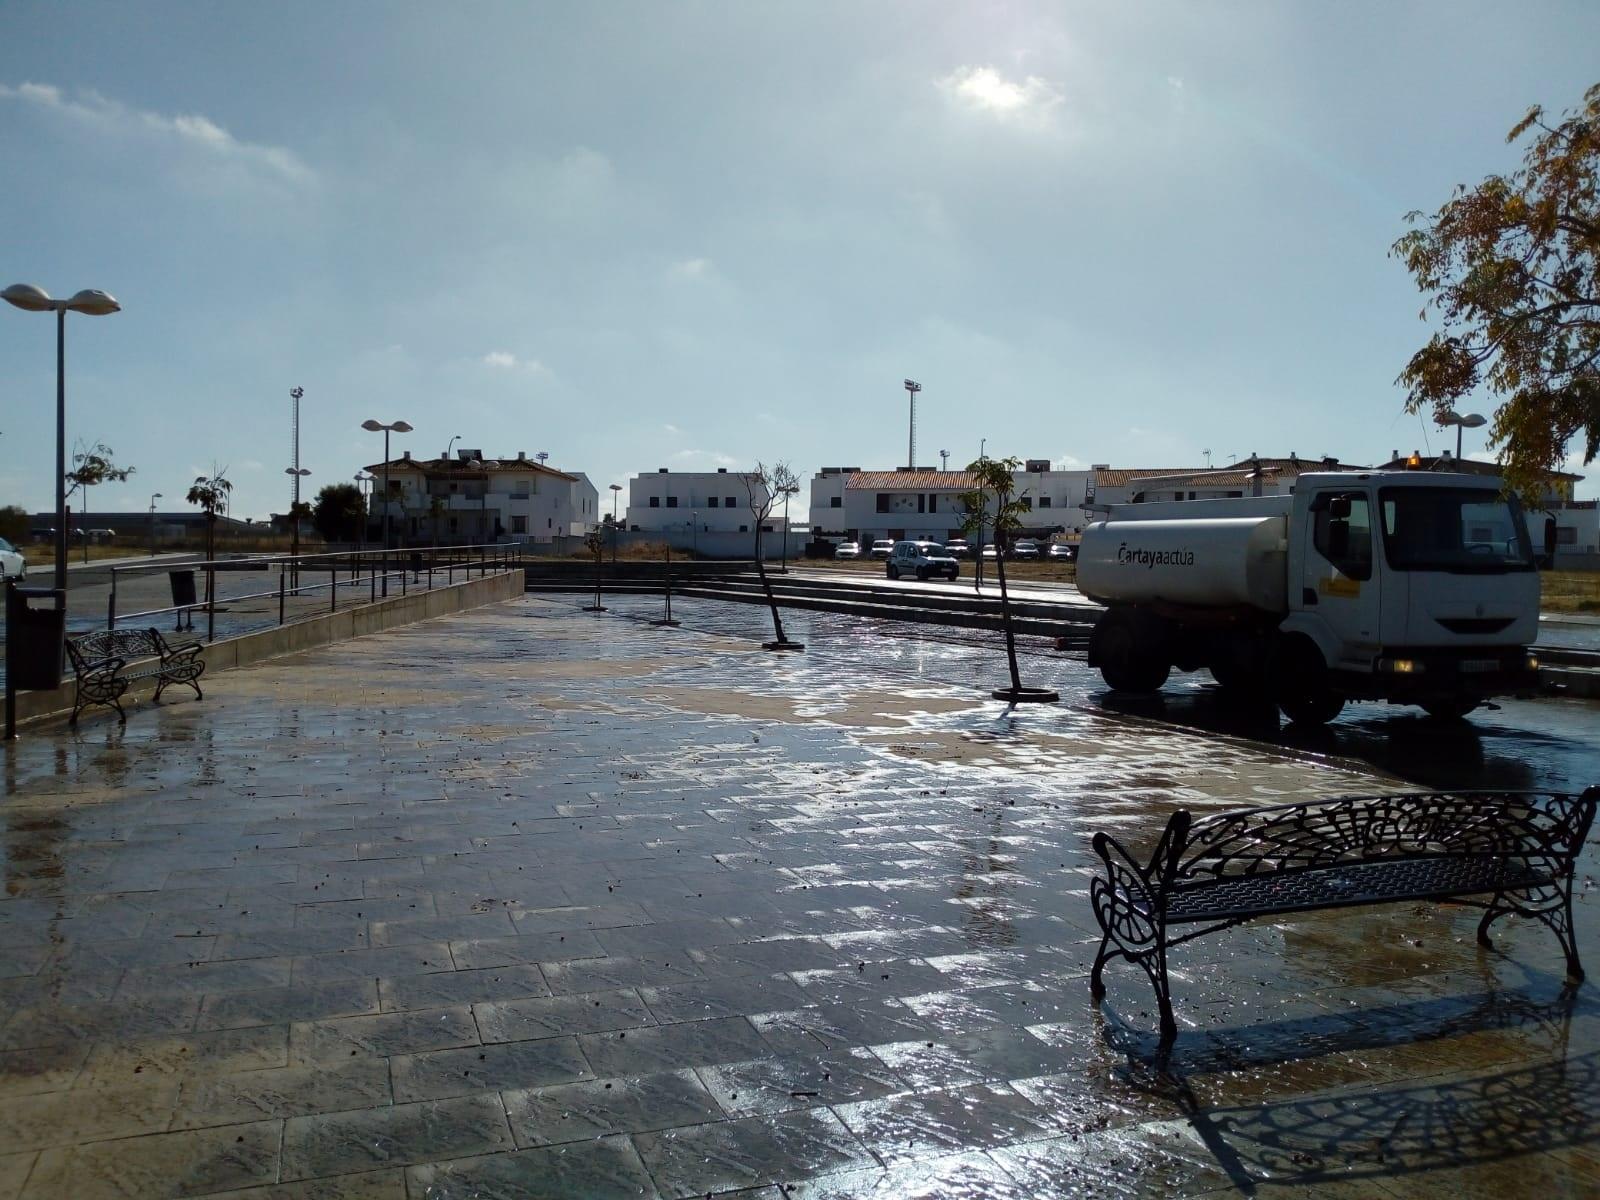 El Ayuntamiento intensifica la desinfección y la vigilancia del cumplimiento de las normas COVID en la localidad, en un día en el que la Junta de Andalucía asigna a Cartaya cuatro nuevos casos.